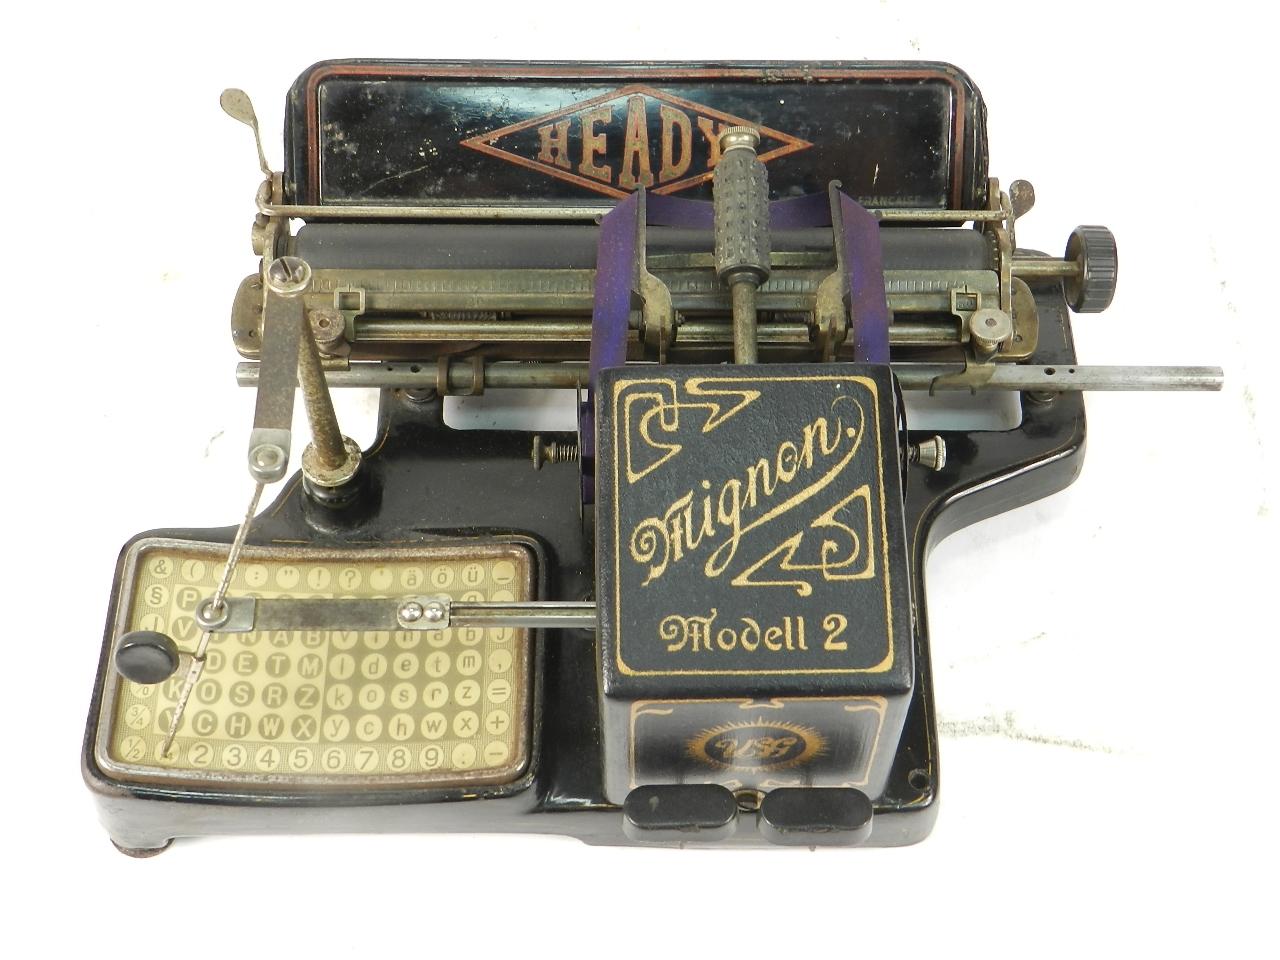 Imagen HEADY MIGNON AÑO 1905 40340